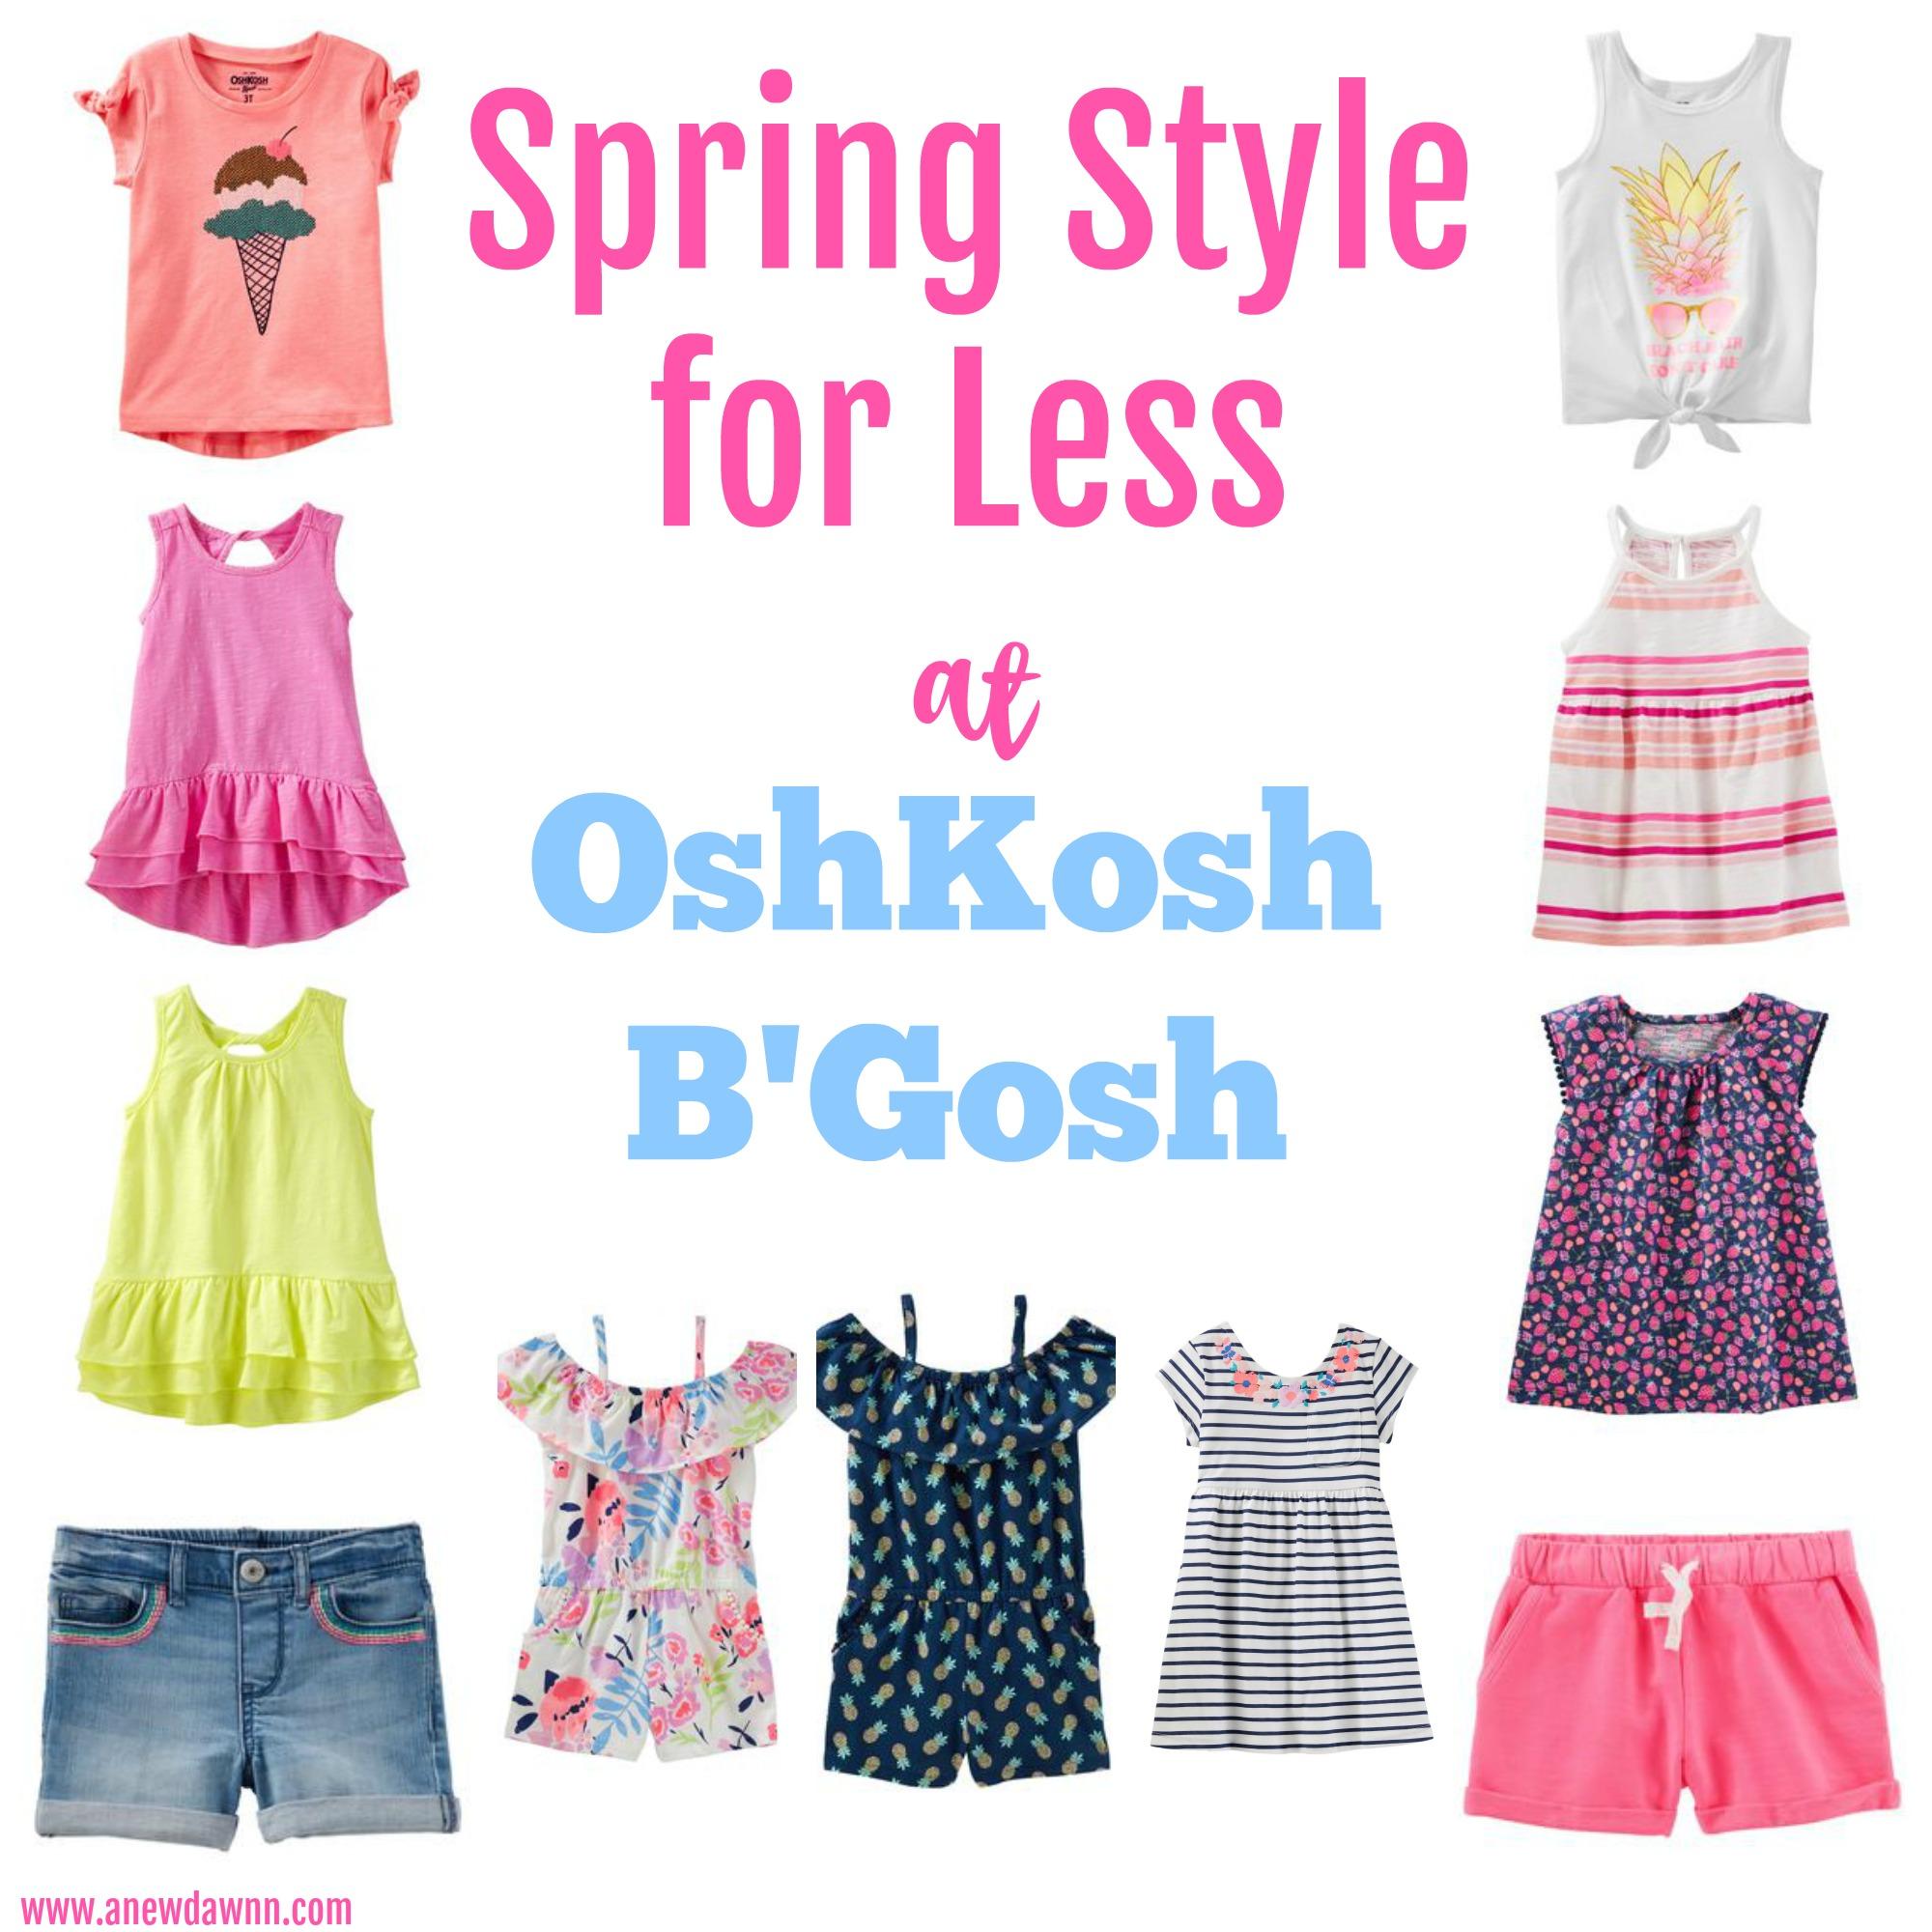 Spring Wardrobe Essentials from OshKosh B'gosh